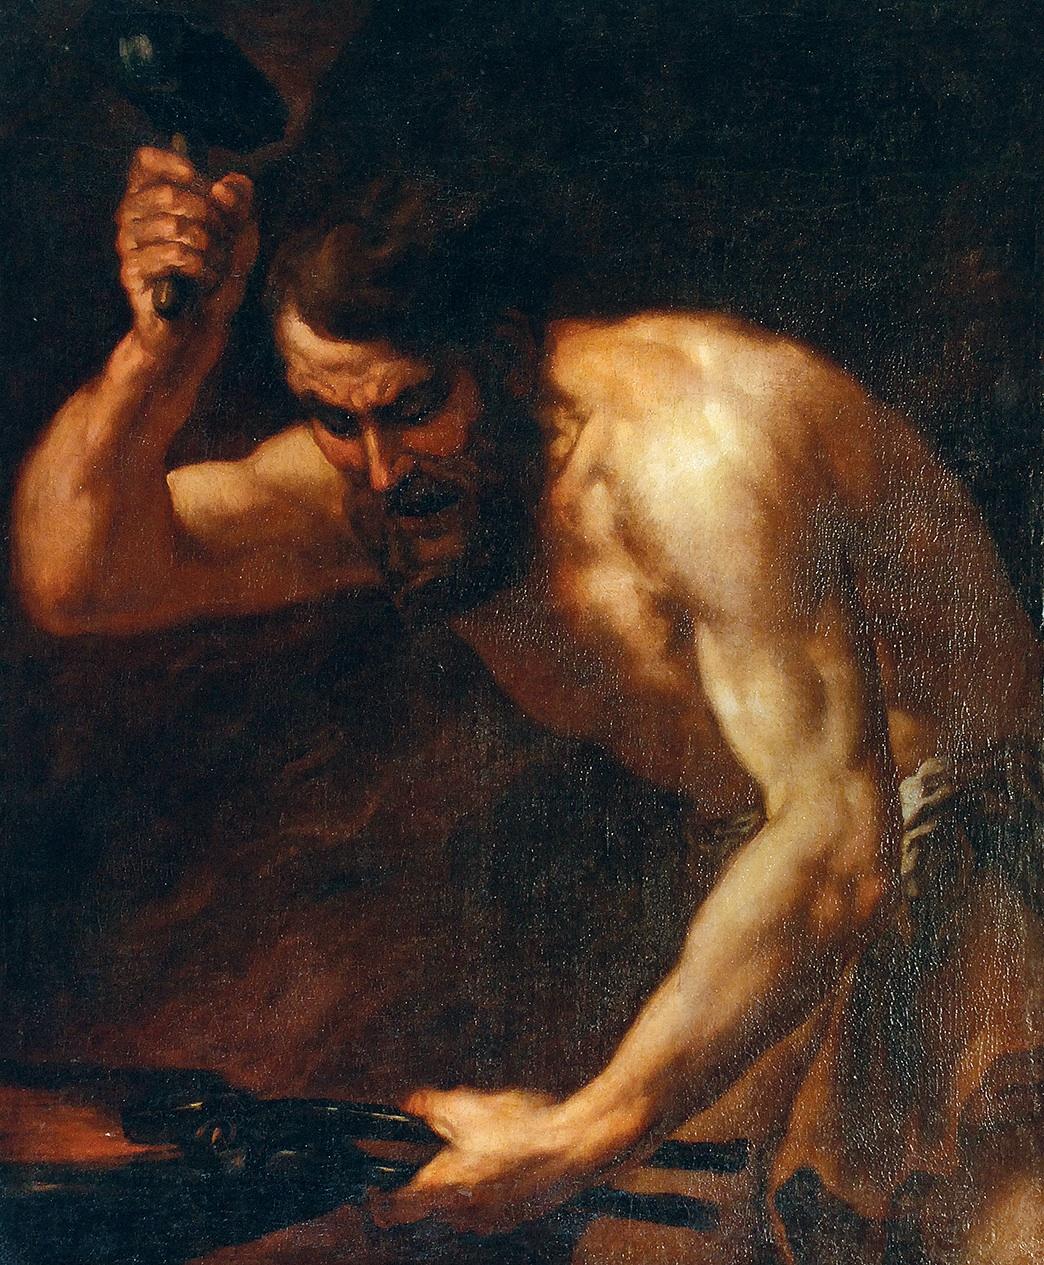 Malarz nieokreślony, włoski (genueński?), XVII w.